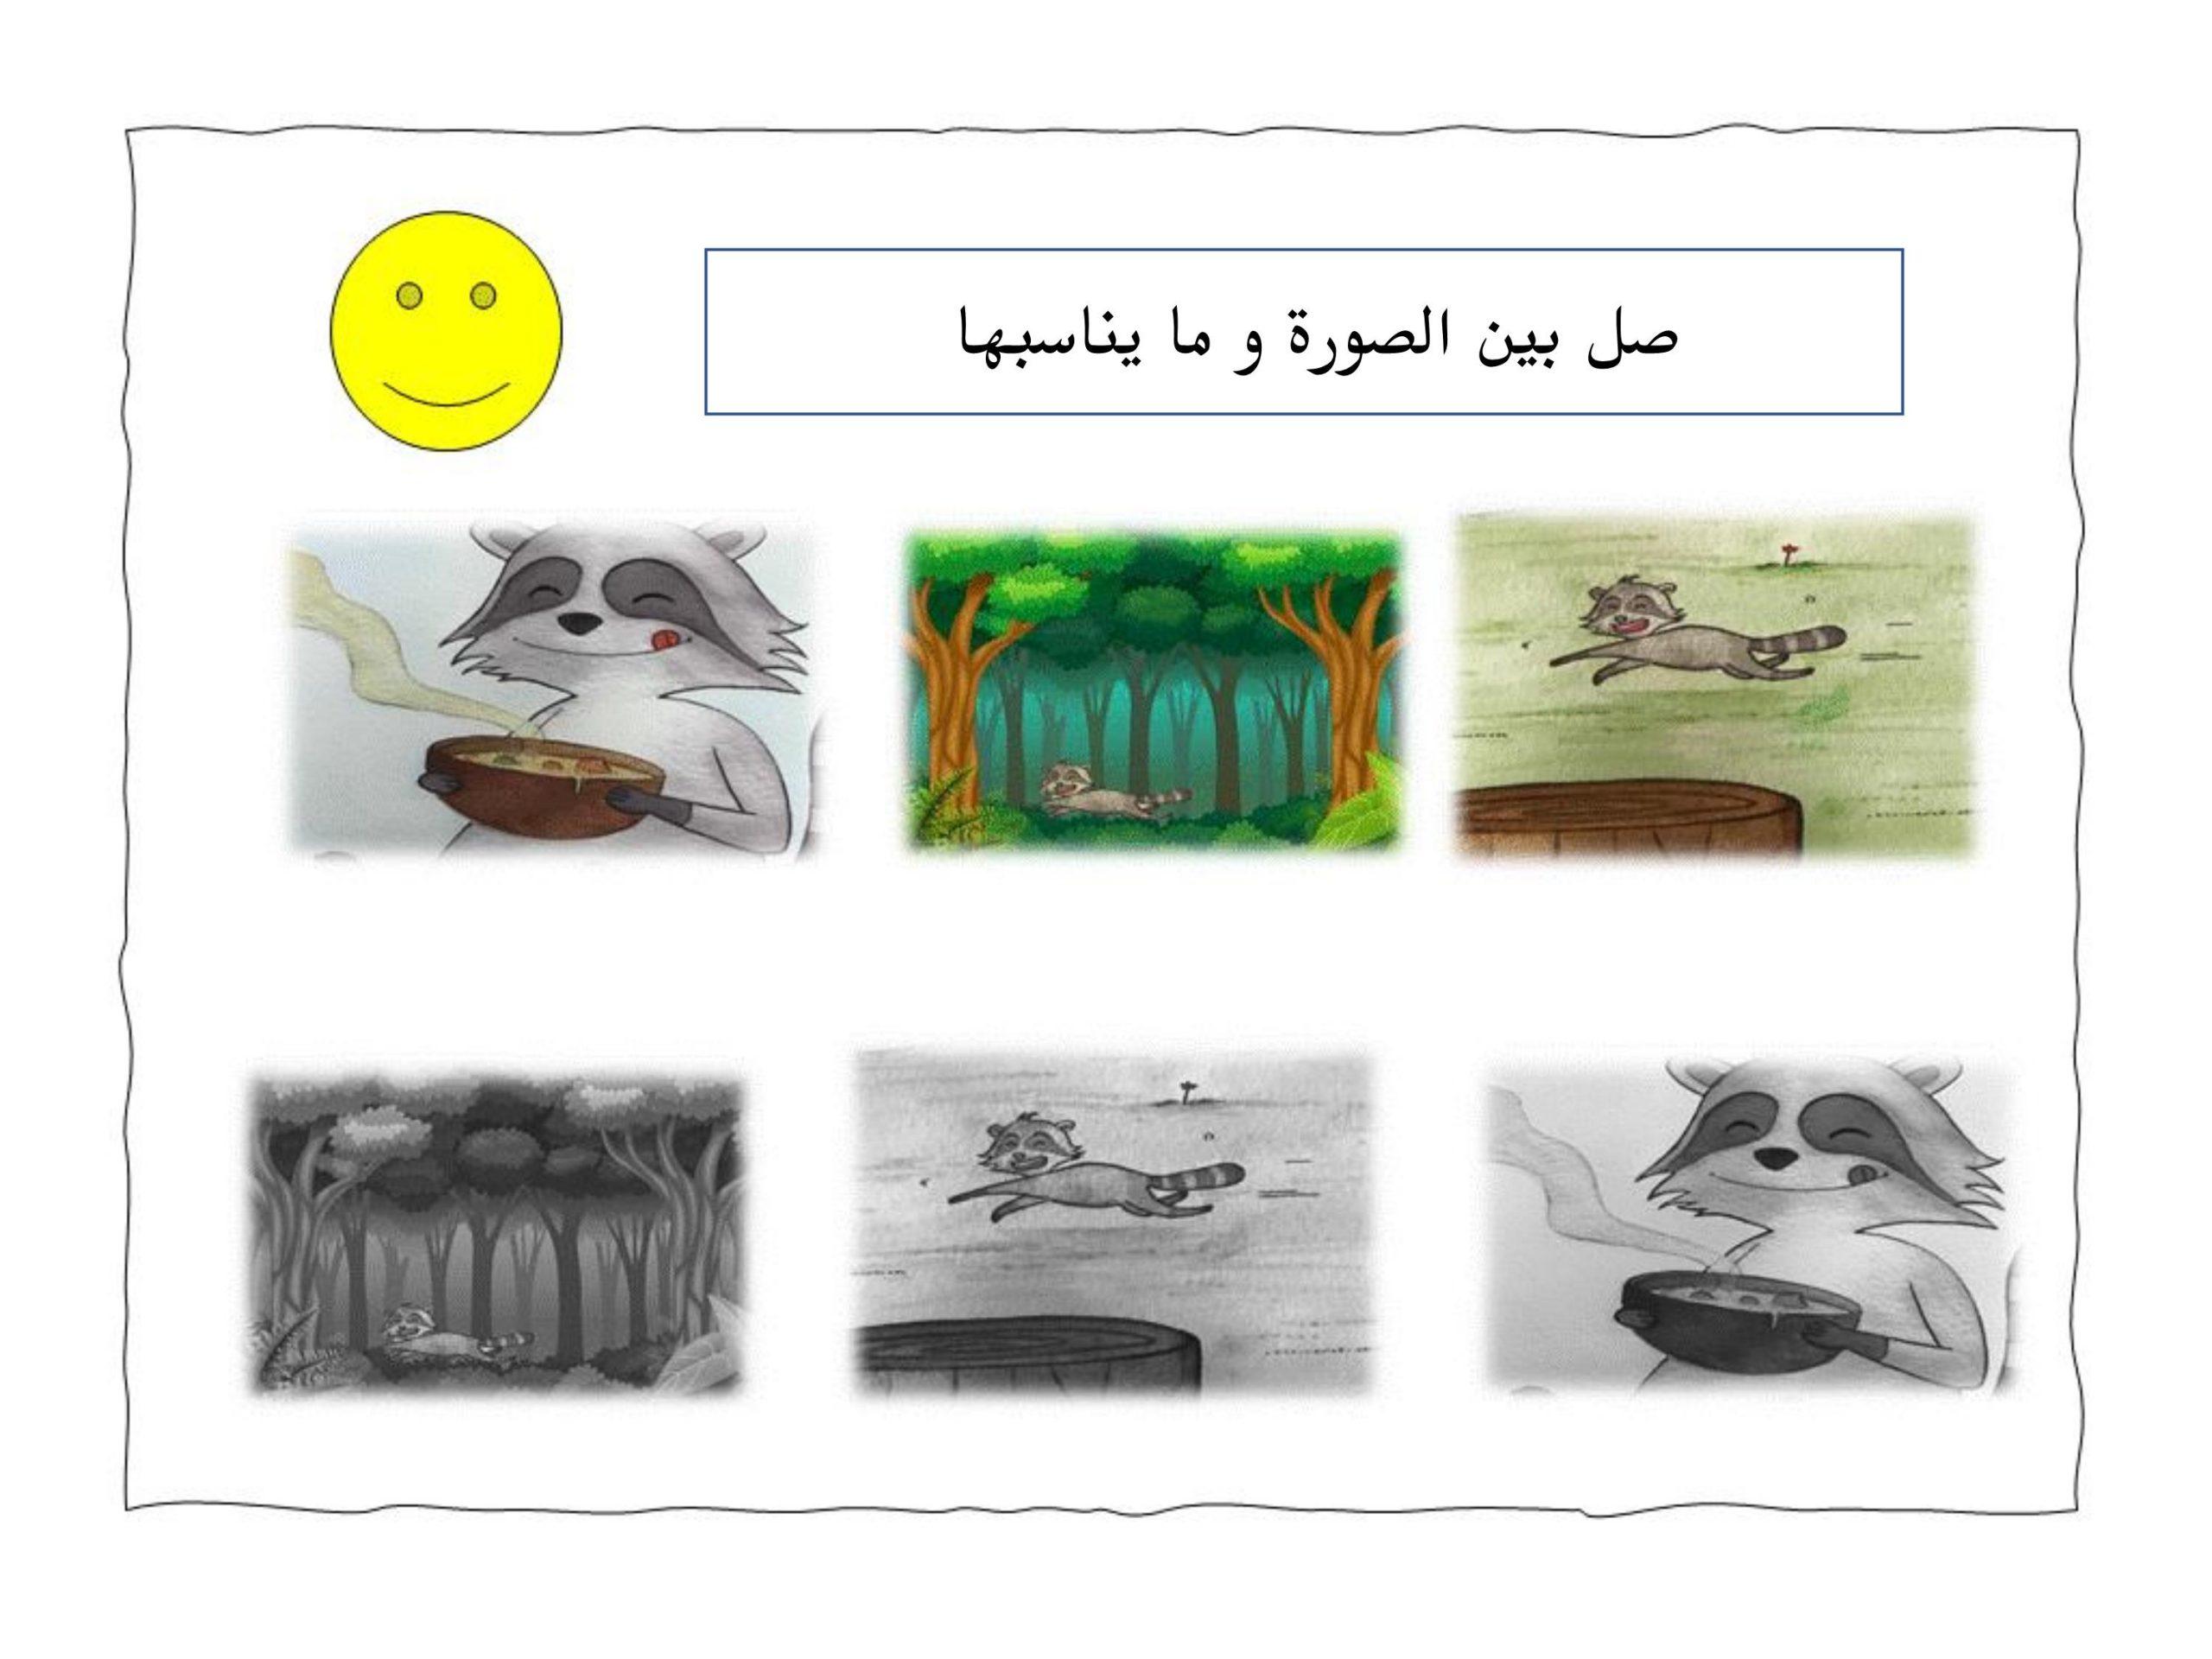 اوراق عمل تدريبات ربيع والمطر الغريز الصف الاول مادة اللغة العربية